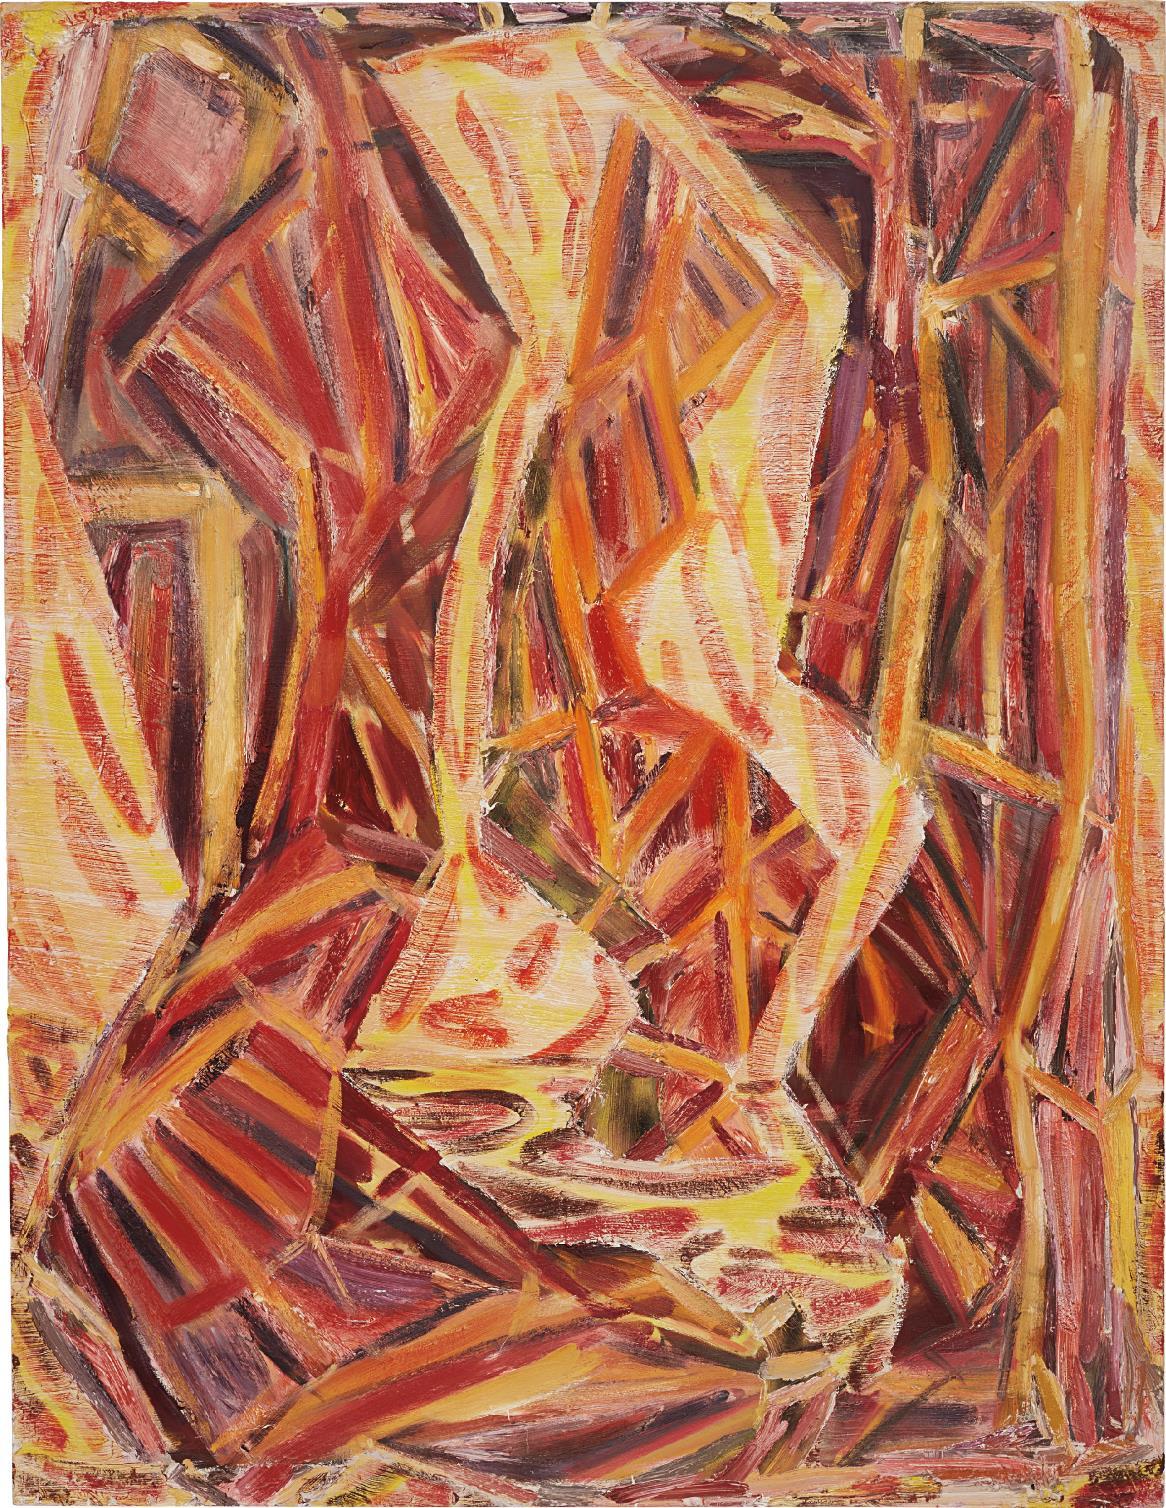 Gabriel Hartley-Replica-2010